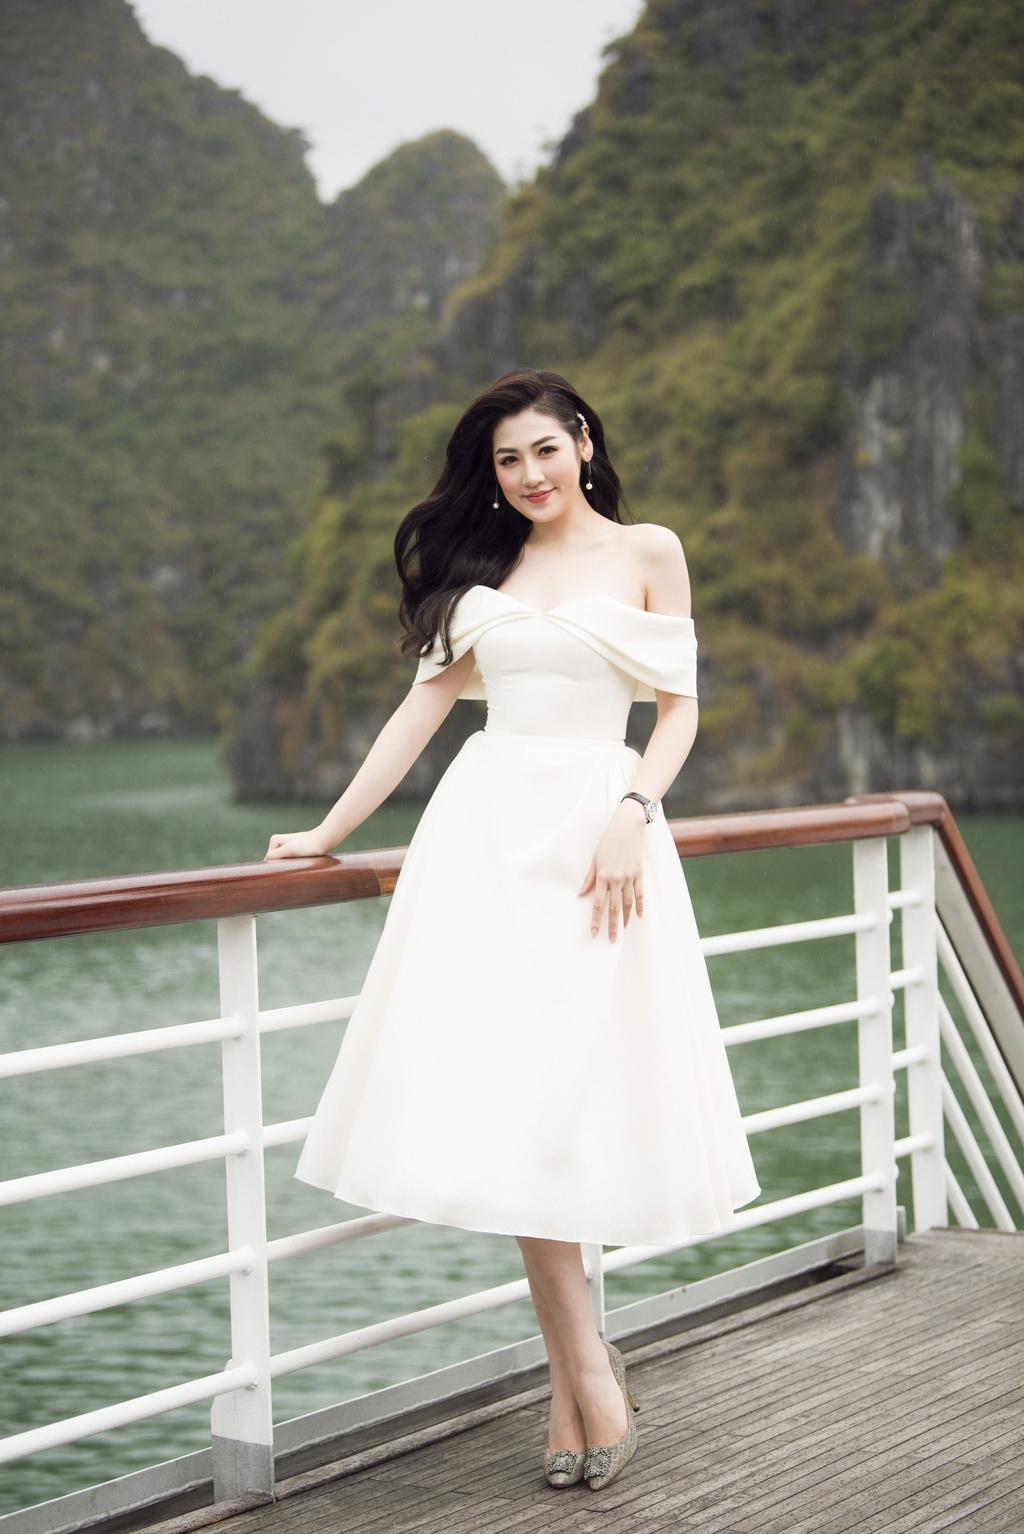 Nha Phuong cung dan sao nu xuat hien xinh xan tai show thoi trang hinh anh 7